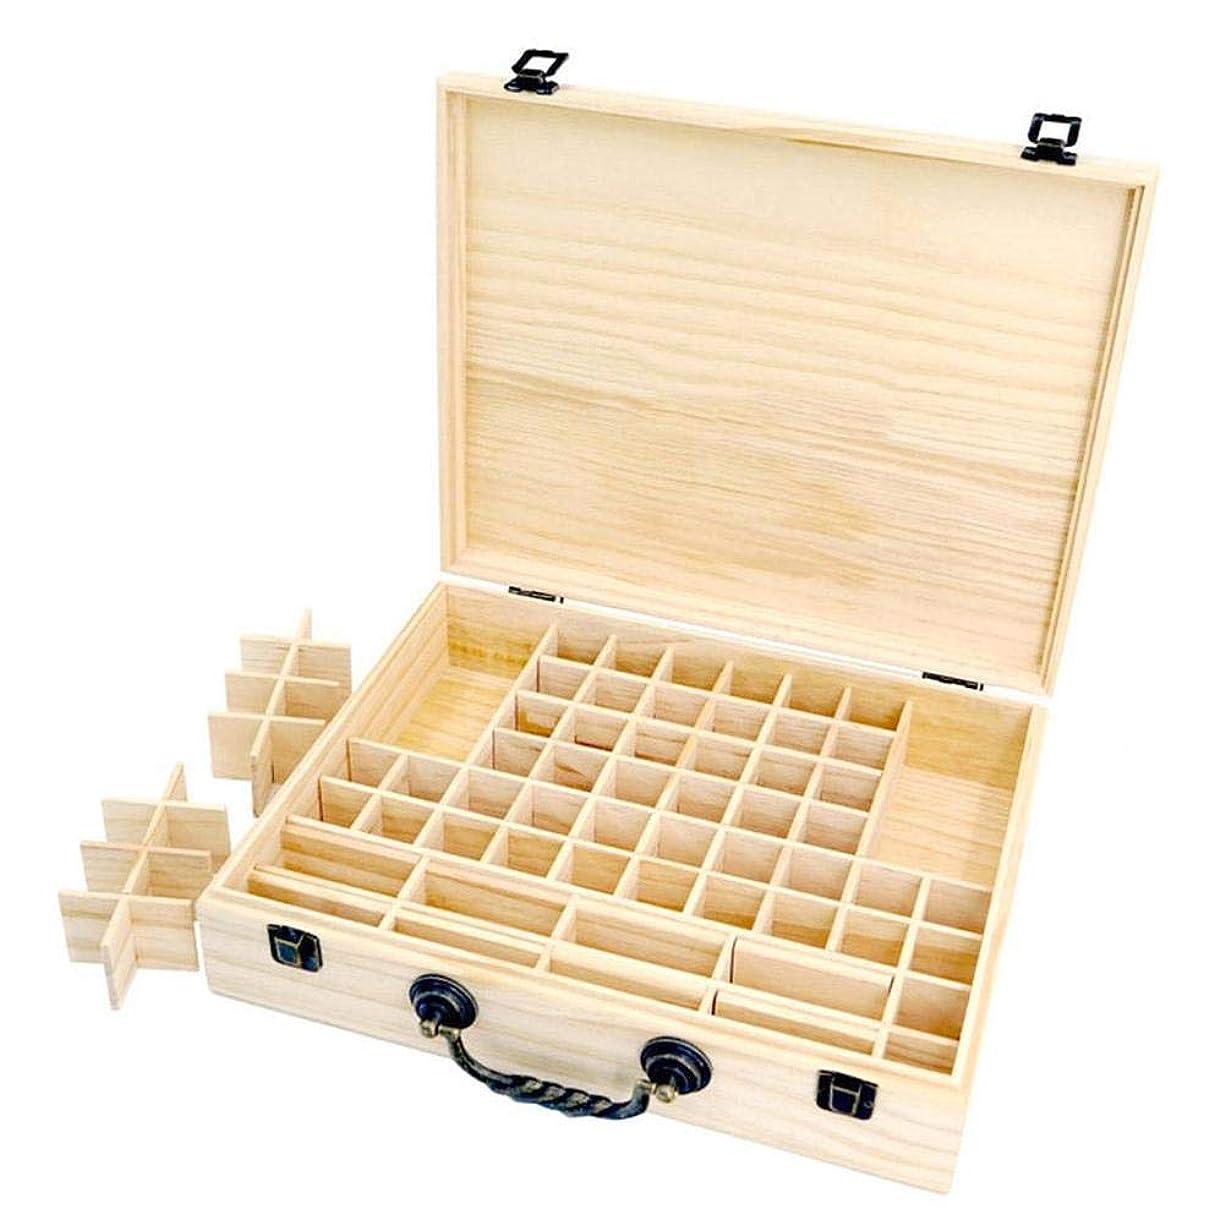 どういたしまして放棄されたとにかくエッセンシャルオイル収納ボックス 収納ケース 保存ボックス パイン製 取り外し可能なメッシュ 70グリッド 持ち運び便利 junexi